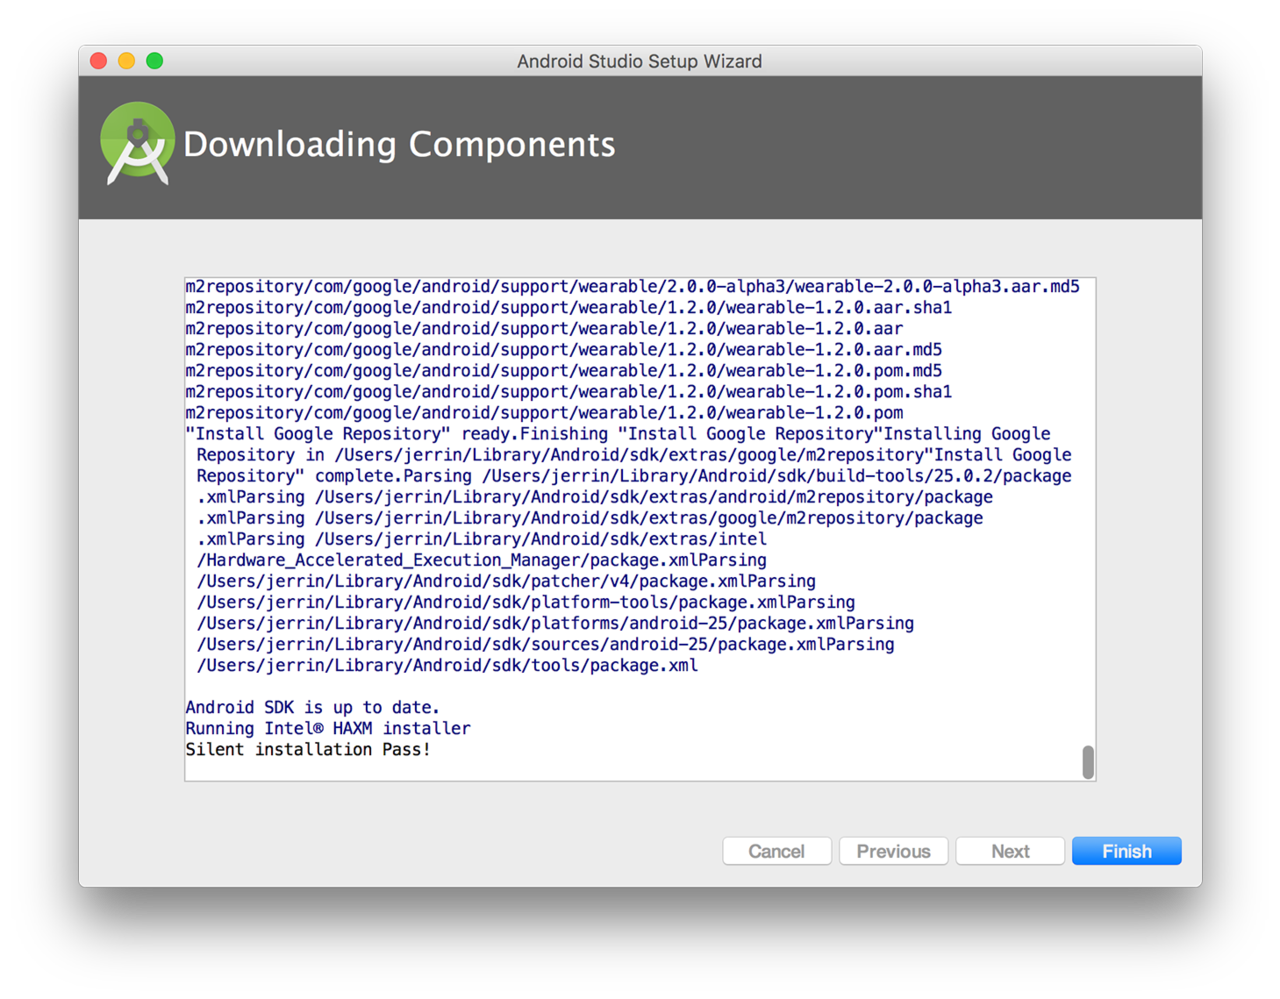 更新下载 Android Studio 组件